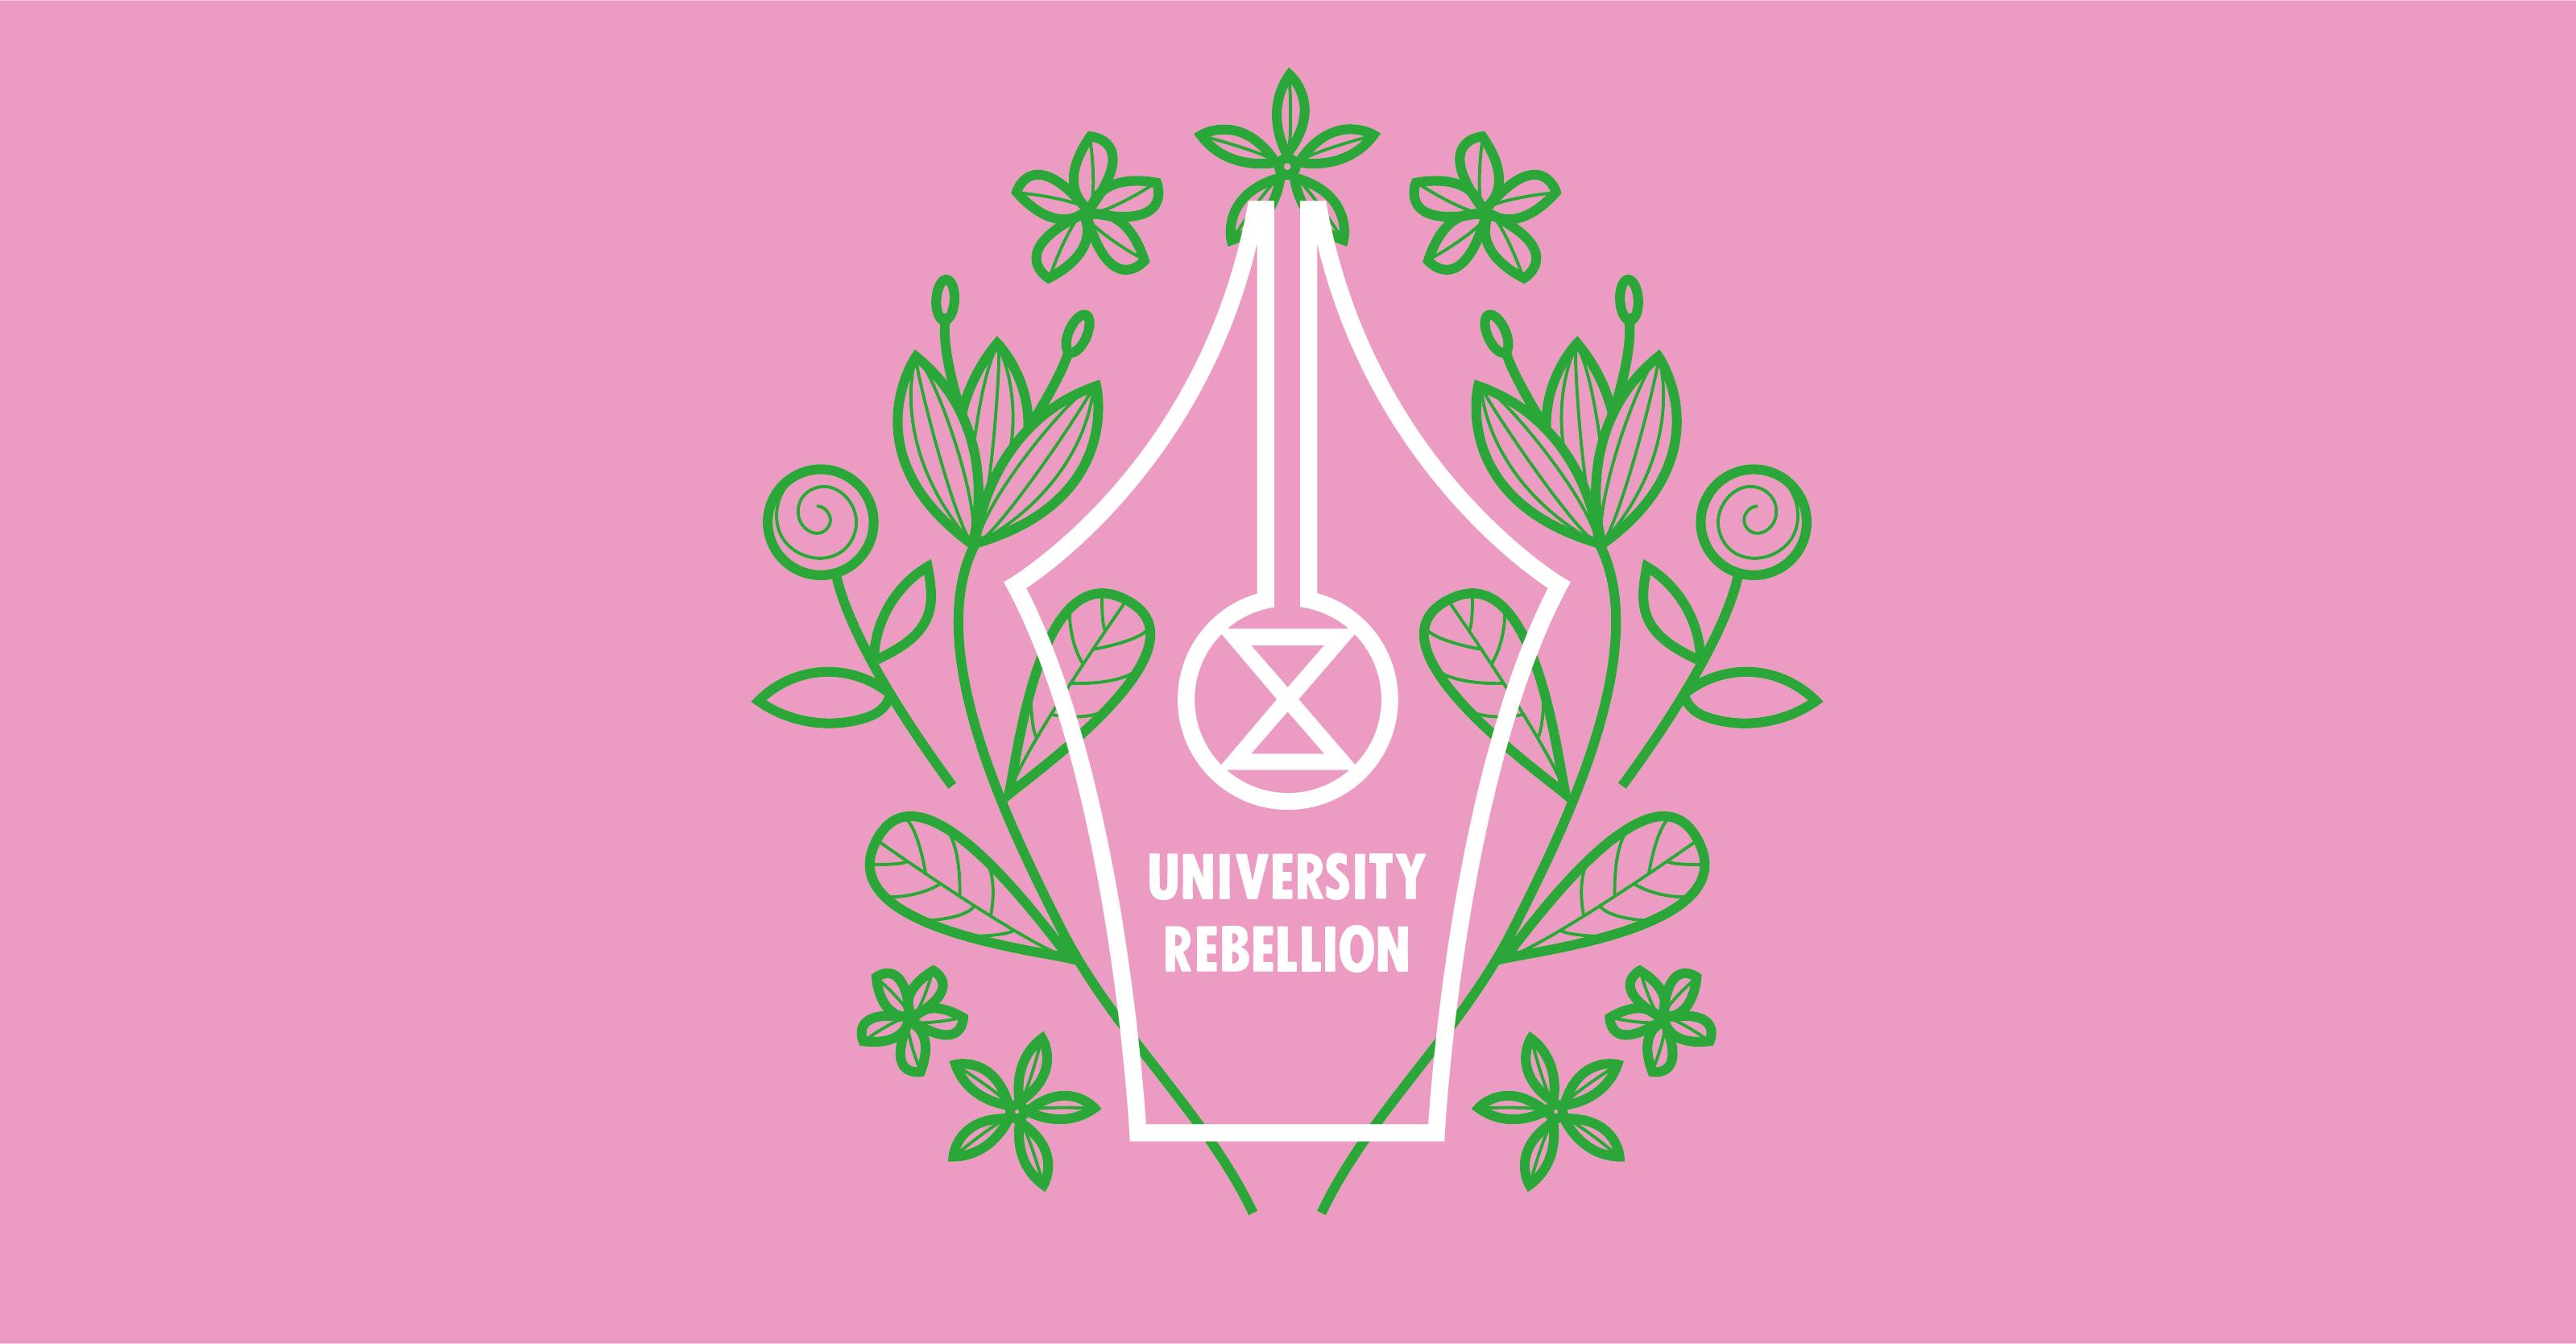 University Rebellion NL